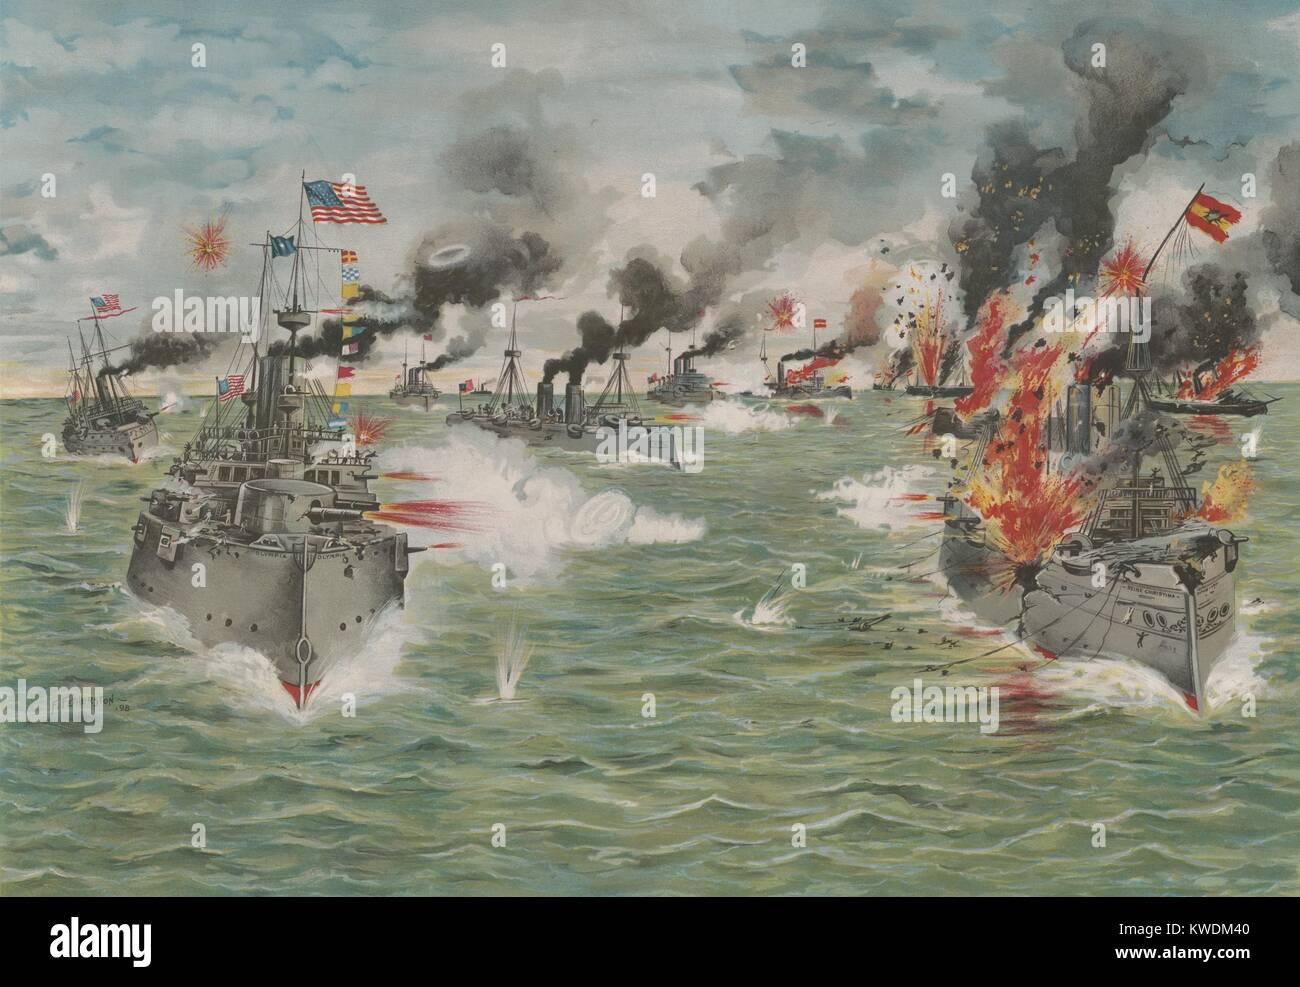 Noi lo squadrone asiatico offre l'ultima fiancata allo spagnolo della flotta del Pacifico, 1 maggio 1898. La Immagini Stock